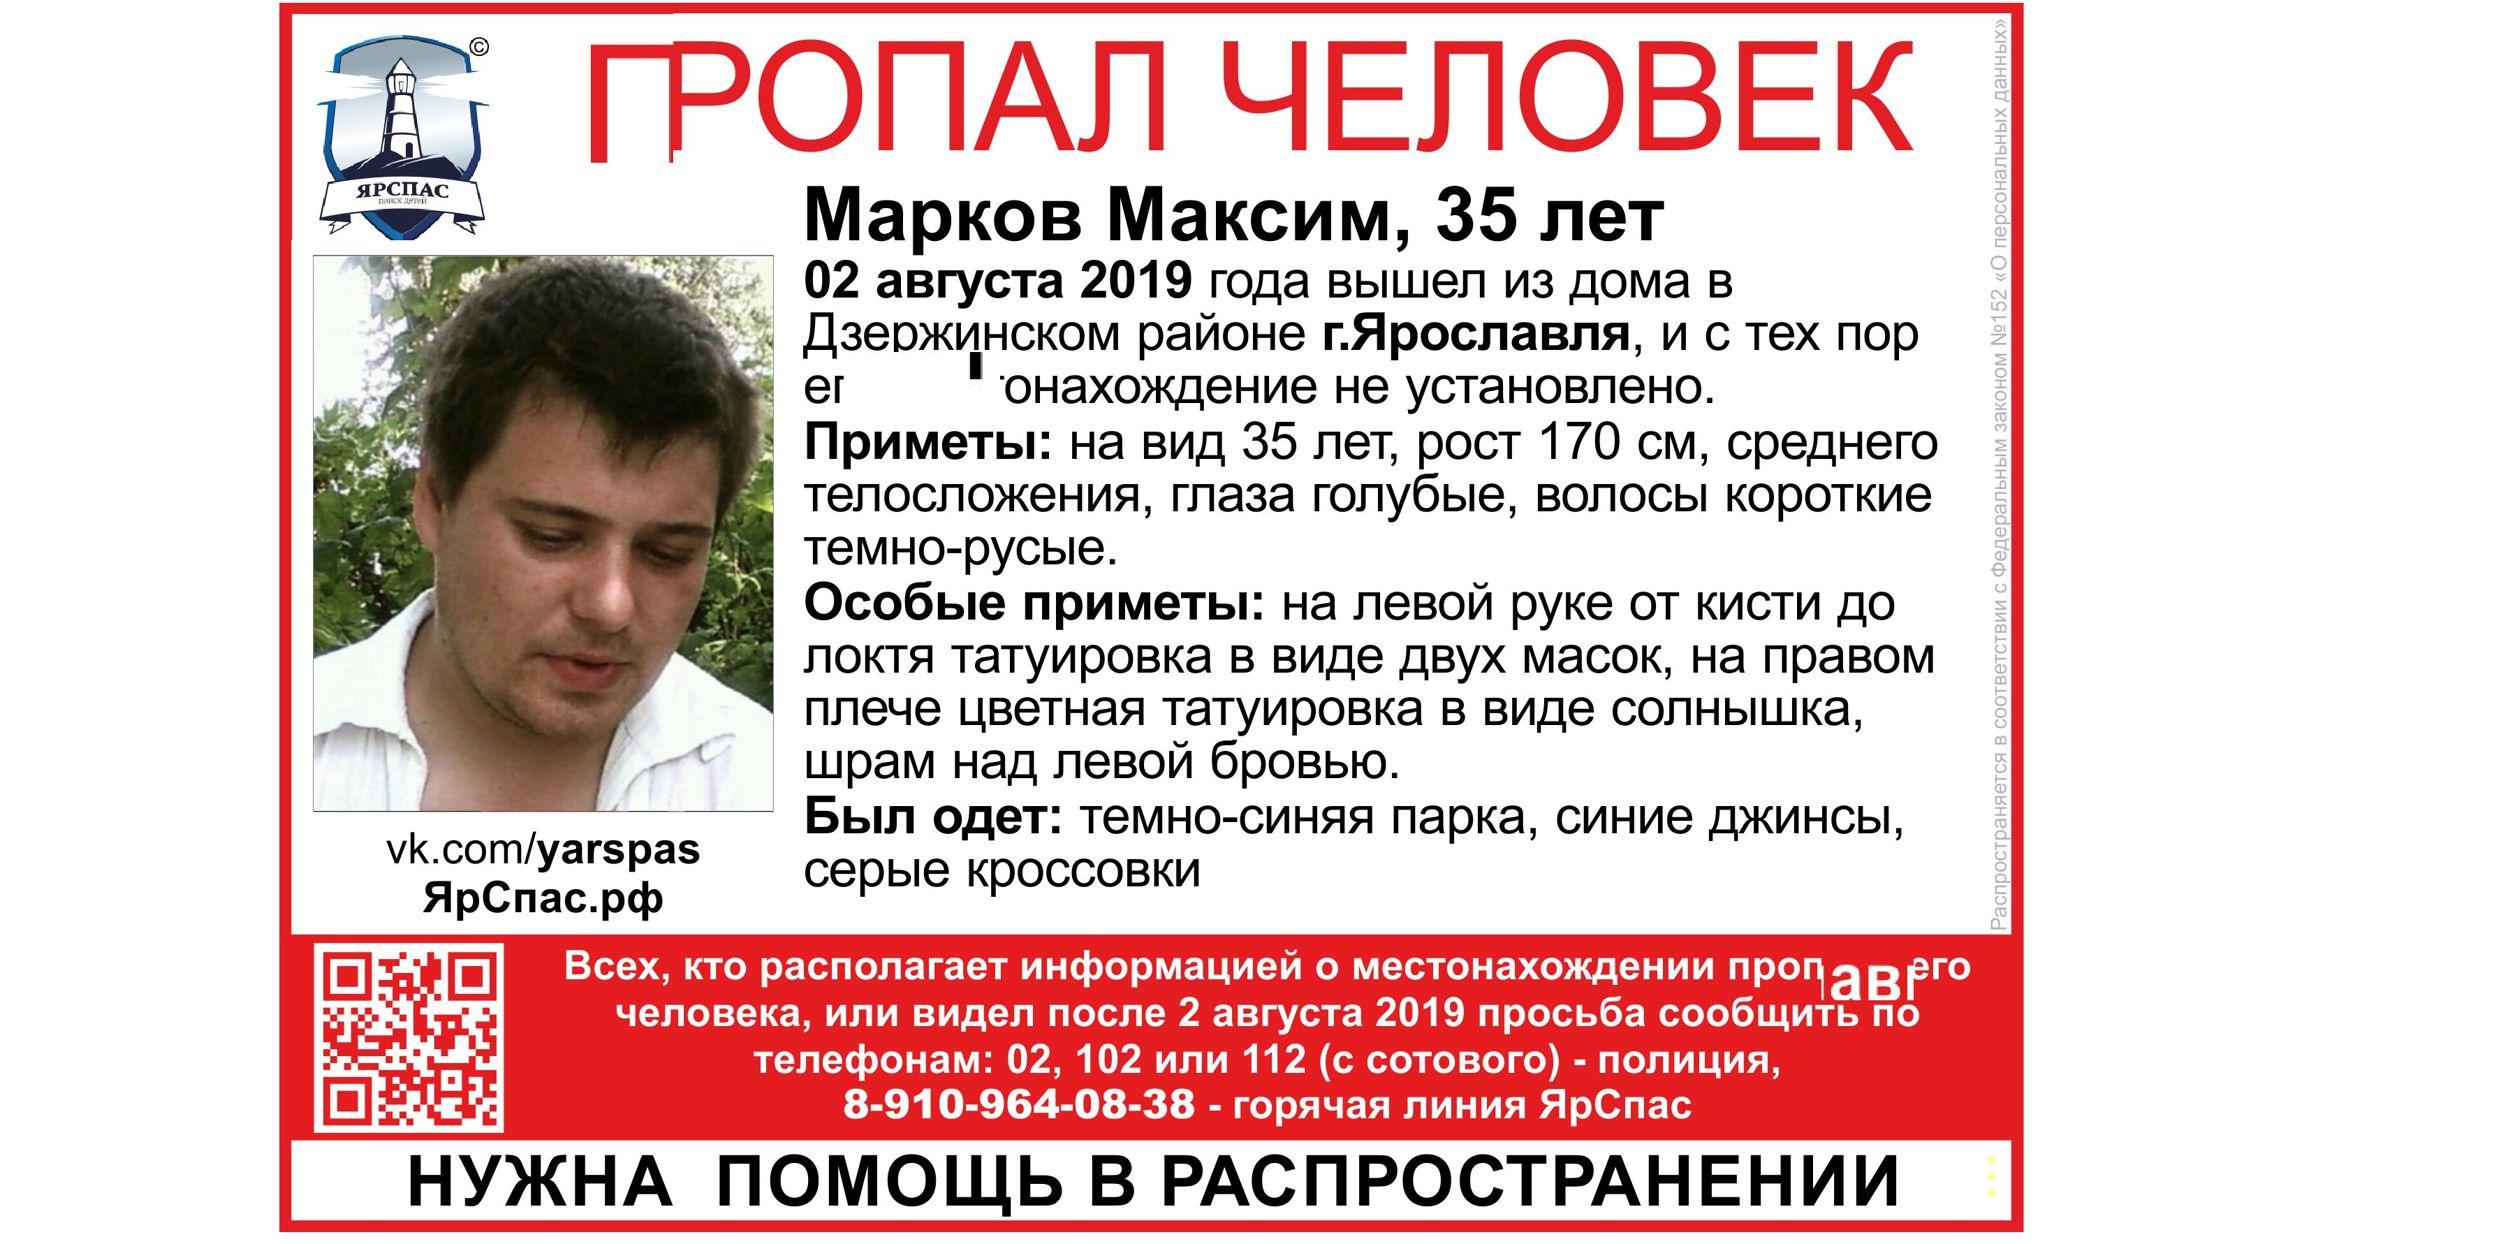 В Ярославле почти две недели ищут пропавшего мужчину